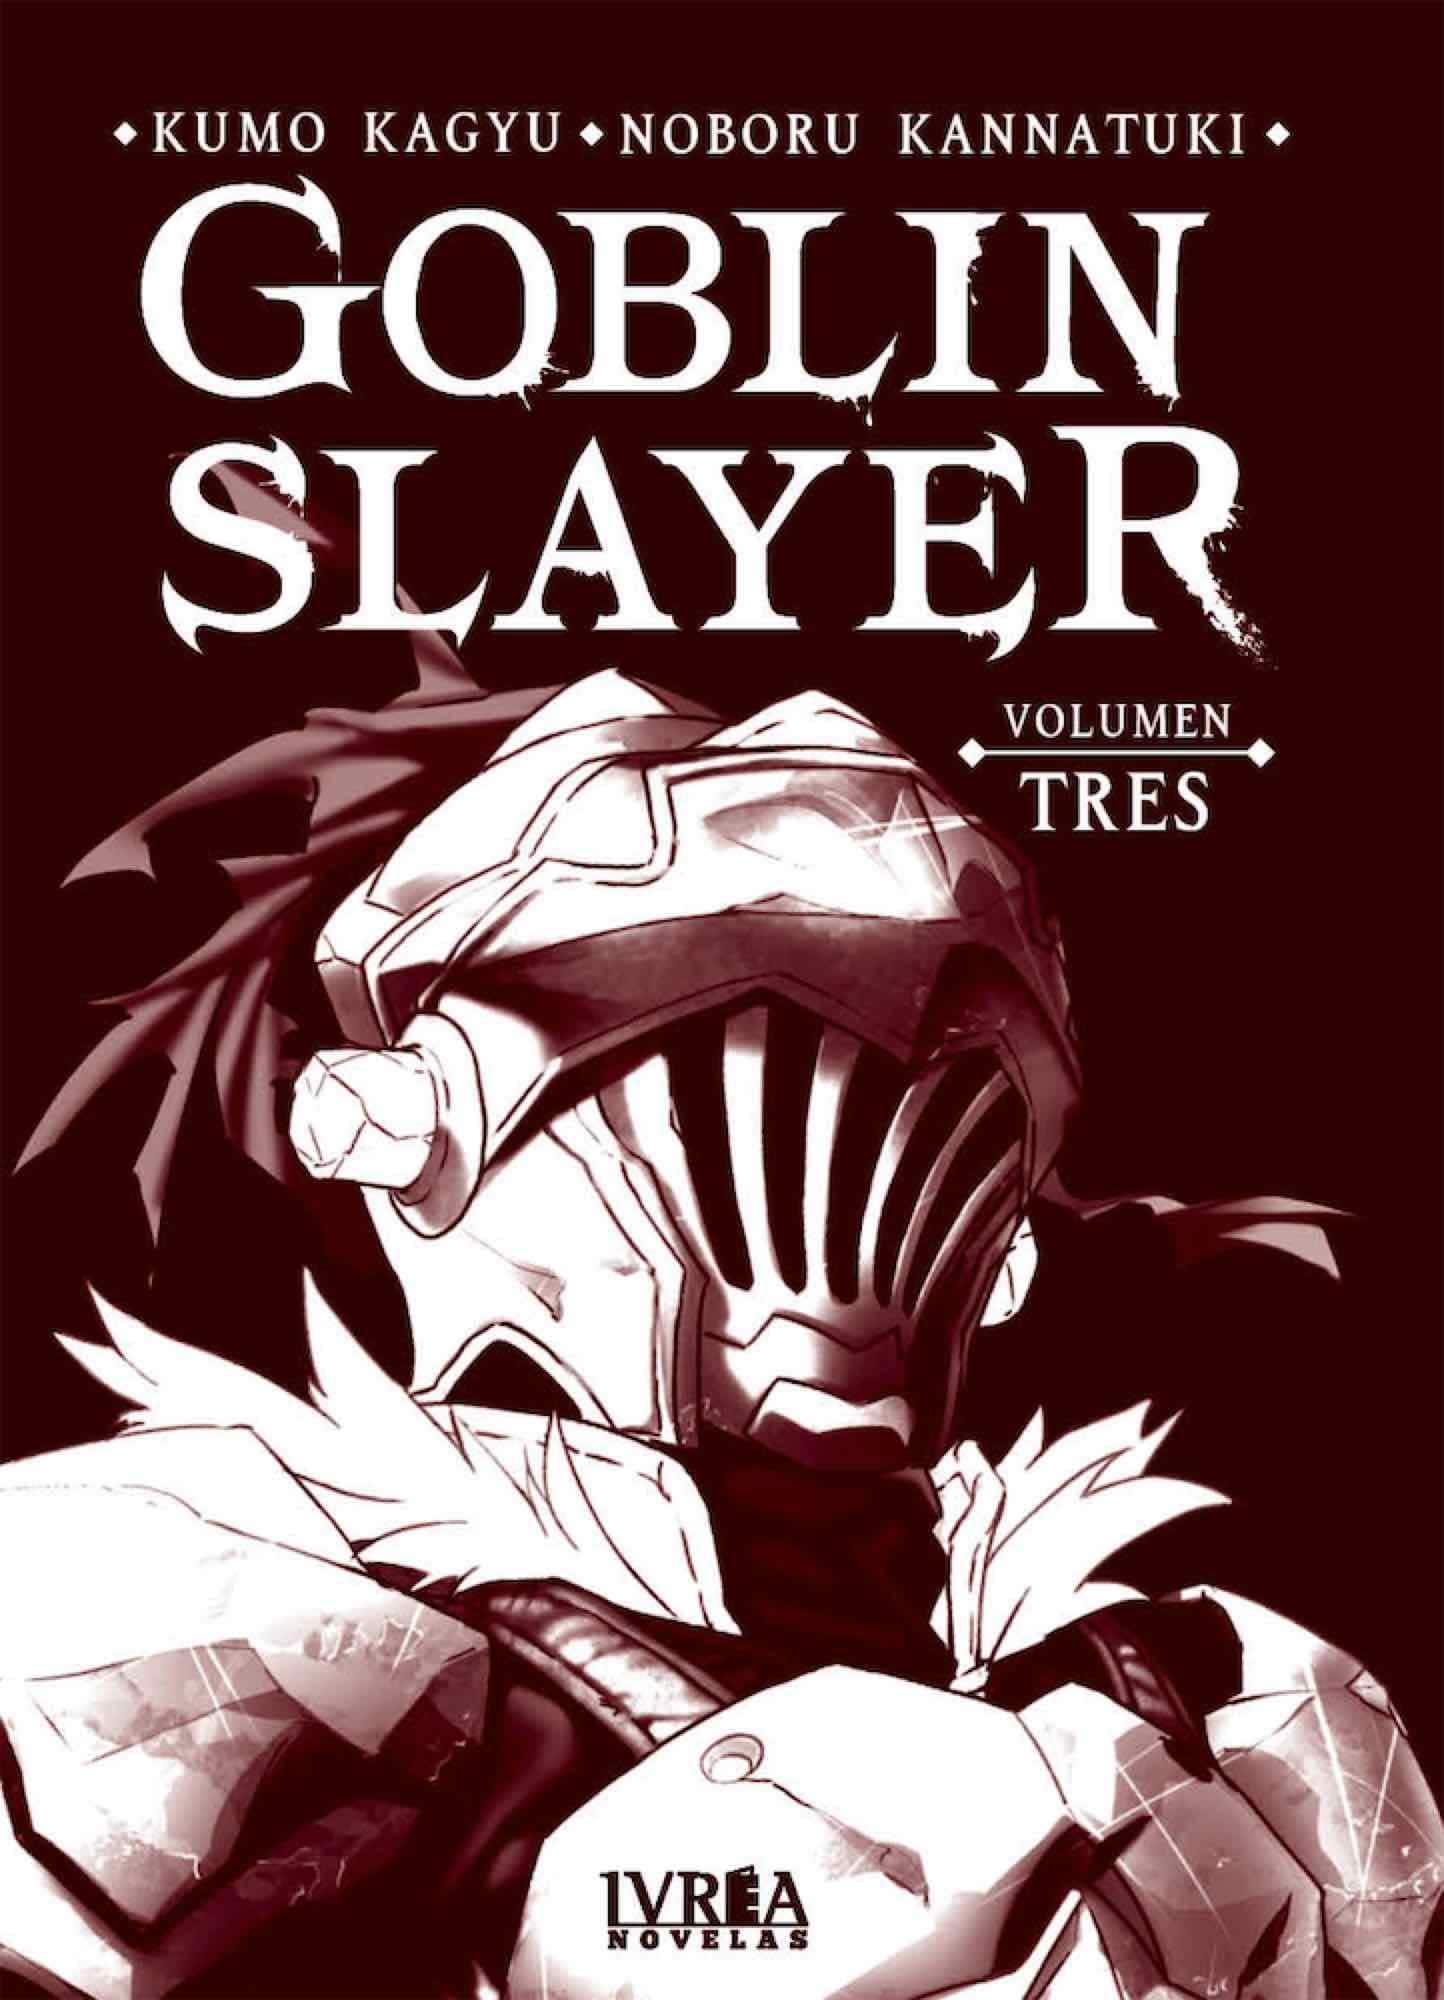 """Volumen tres de """"Goblin Slayer"""", traducido por Ivrea al español; la saga de novelas ligeras que no puedes perderte si te gusta la fantasía épica."""